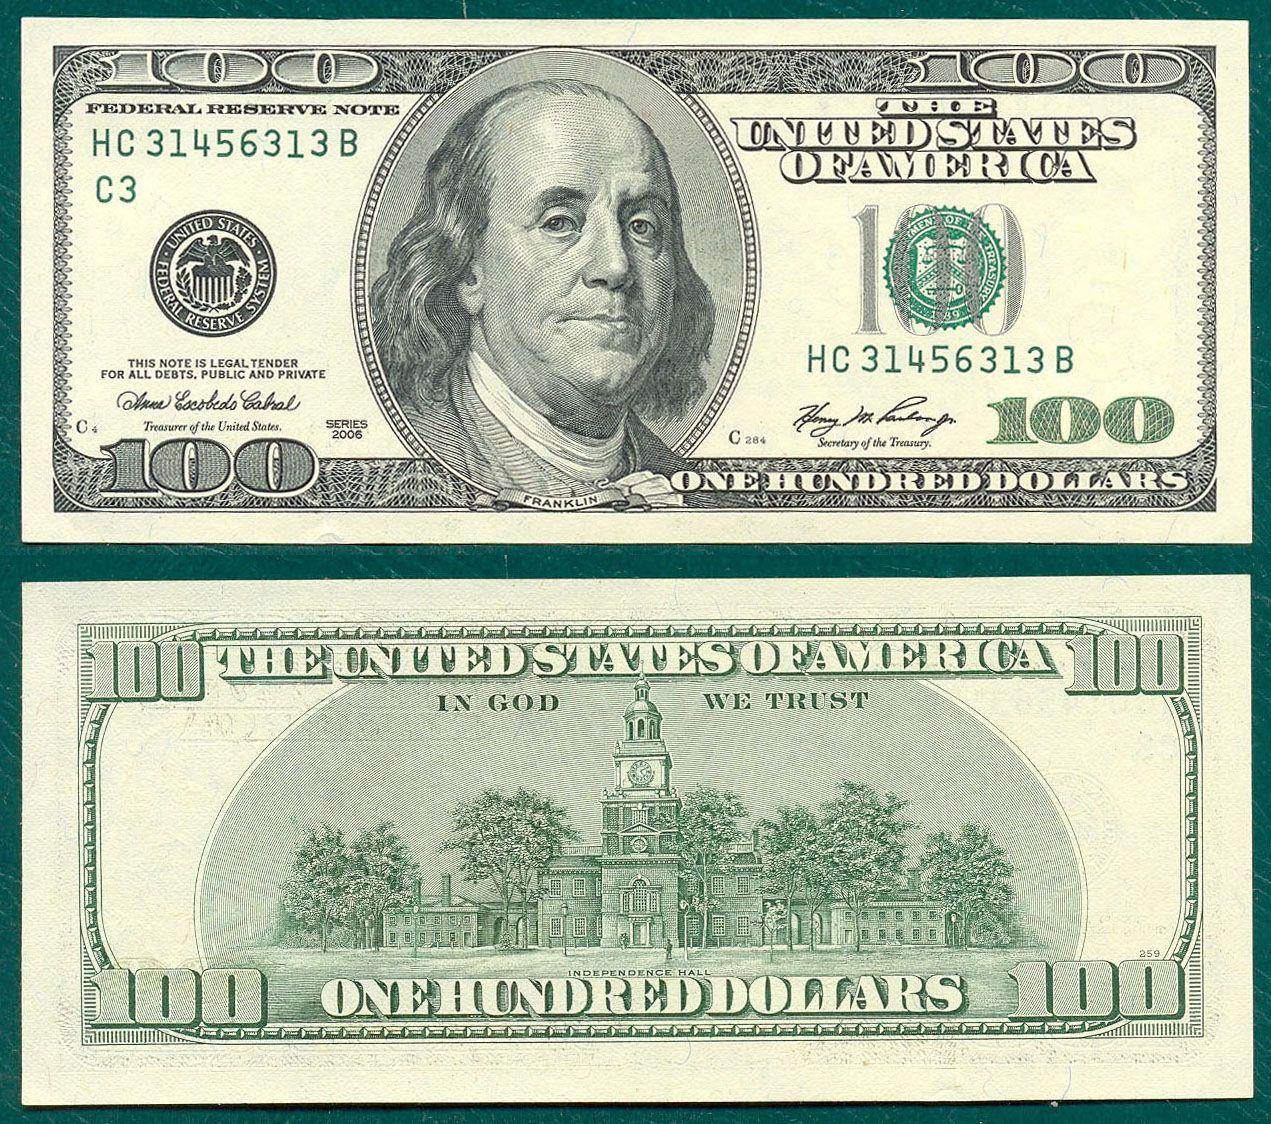 Http Coleccionescaballero Com Imagenes Venta 01 20 20billetes Extranjeros Grandes America 20del 20nort 100 Dollar Bill Money Printables Fake Money Printable